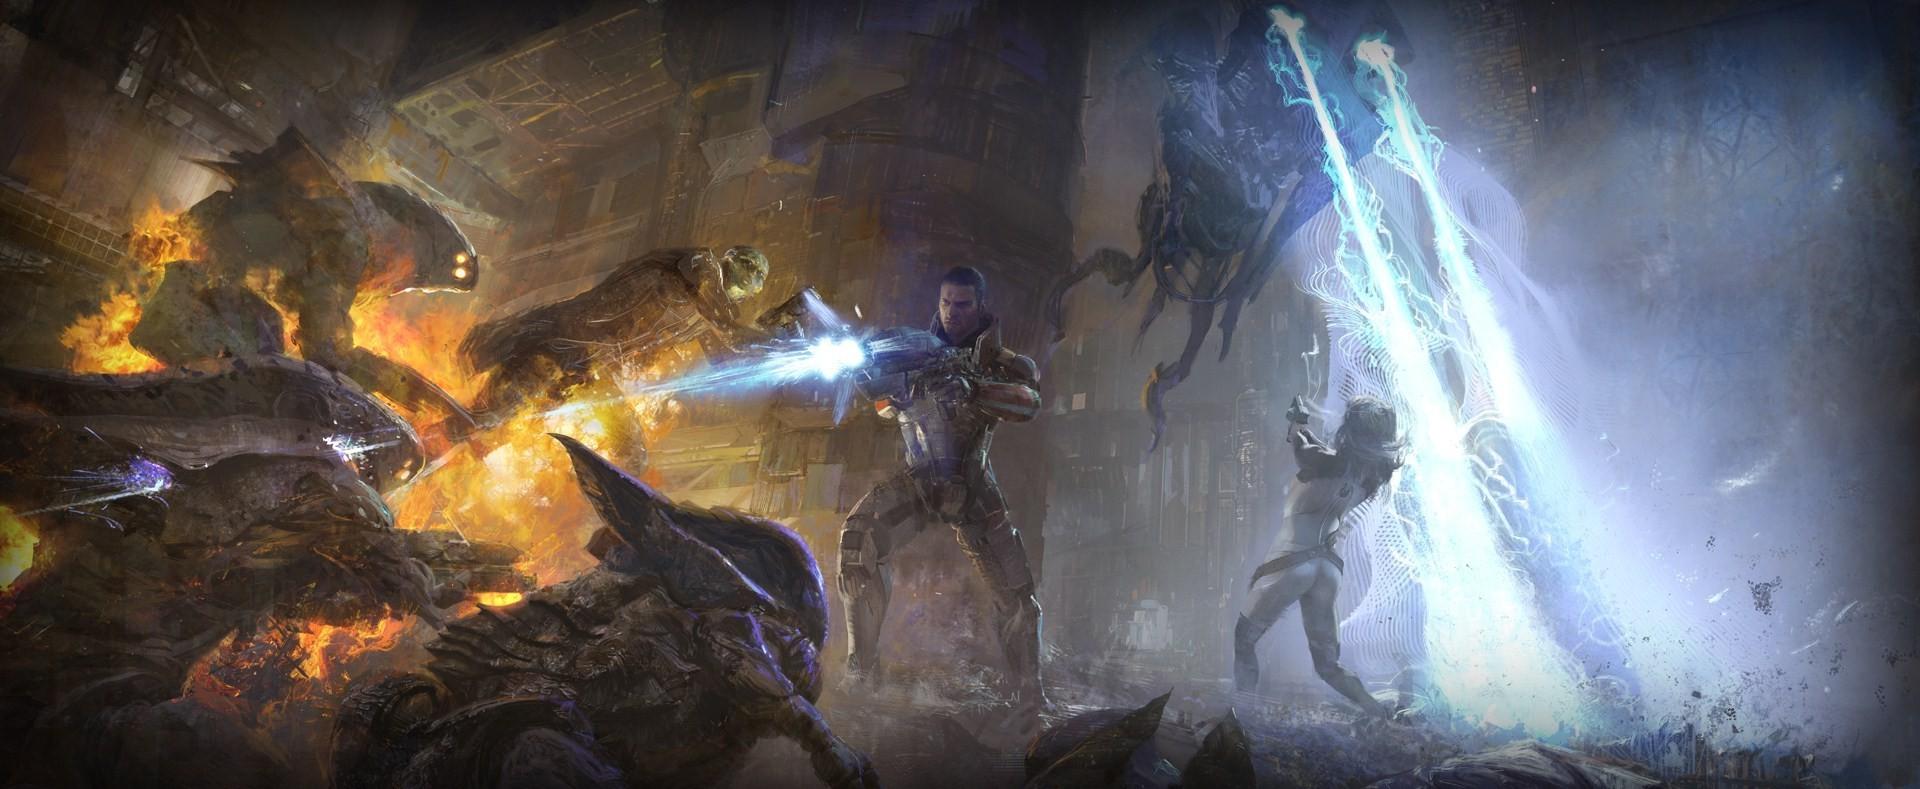 Wallpaper 1920x789 Px Commander Shepard Mass Effect